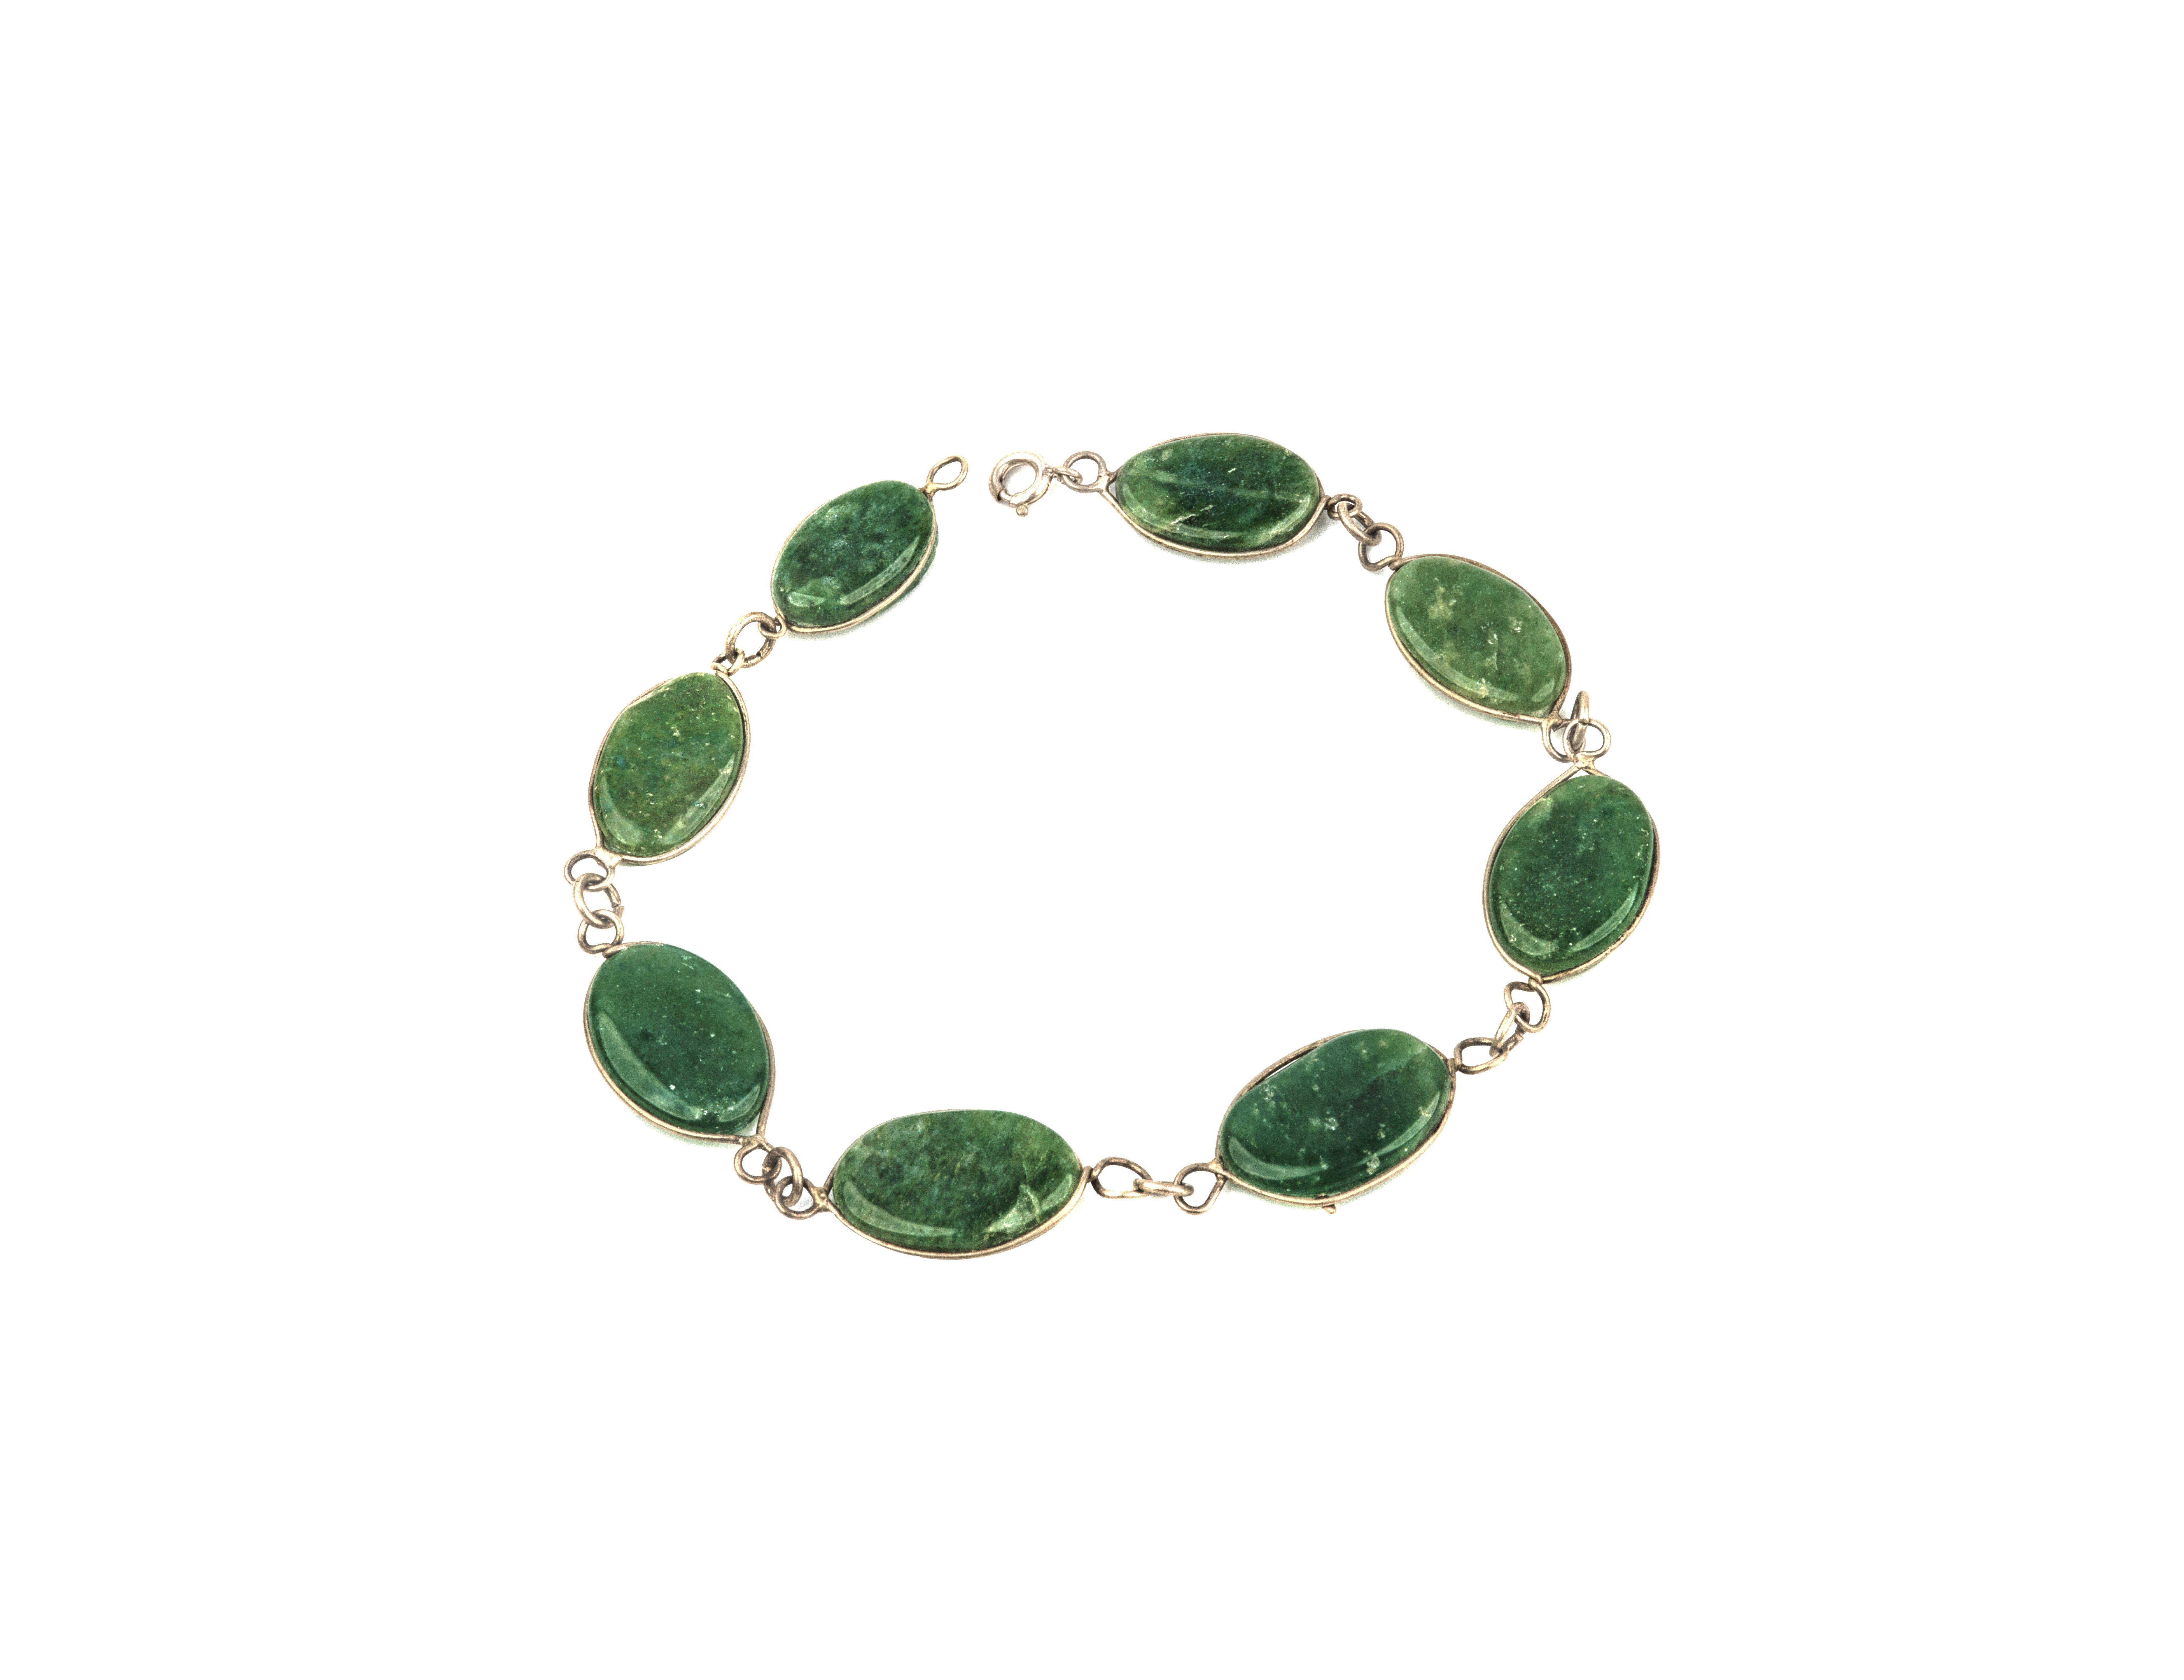 b2a55a3e0 A Vintage Green Hard Stone Medallion Bracelet | Artzze